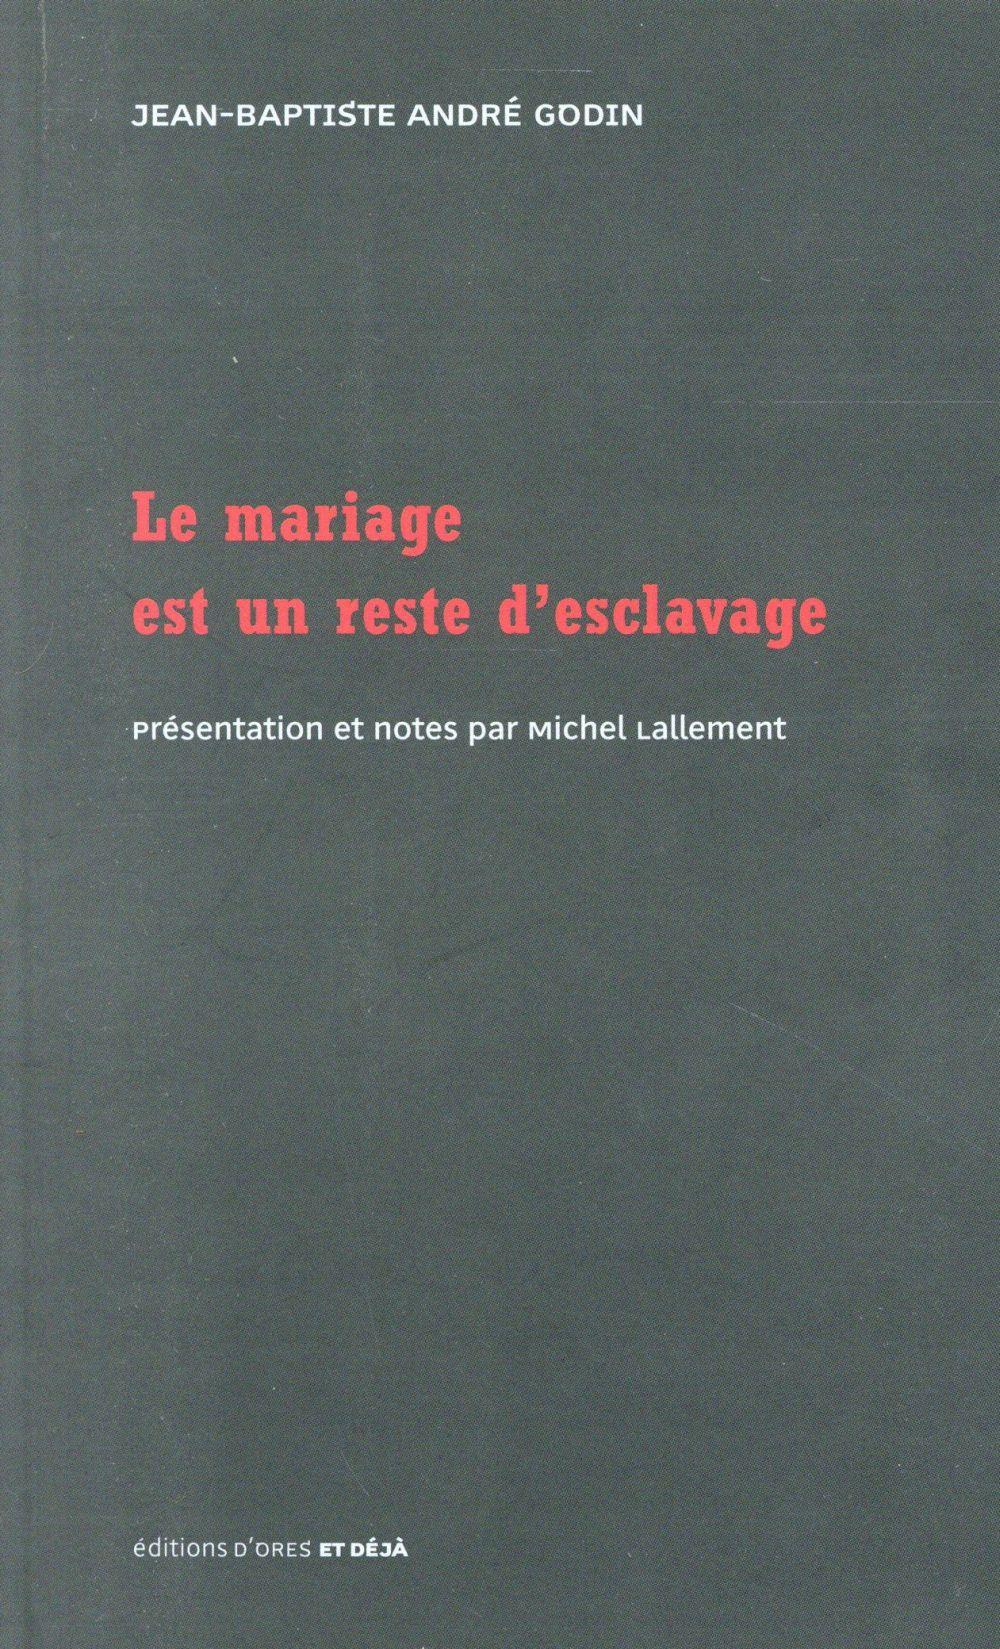 LE MARIAGE EST UN RESTE D ESCLAVAGE Godin Jean-Baptiste André D'ores et déjà